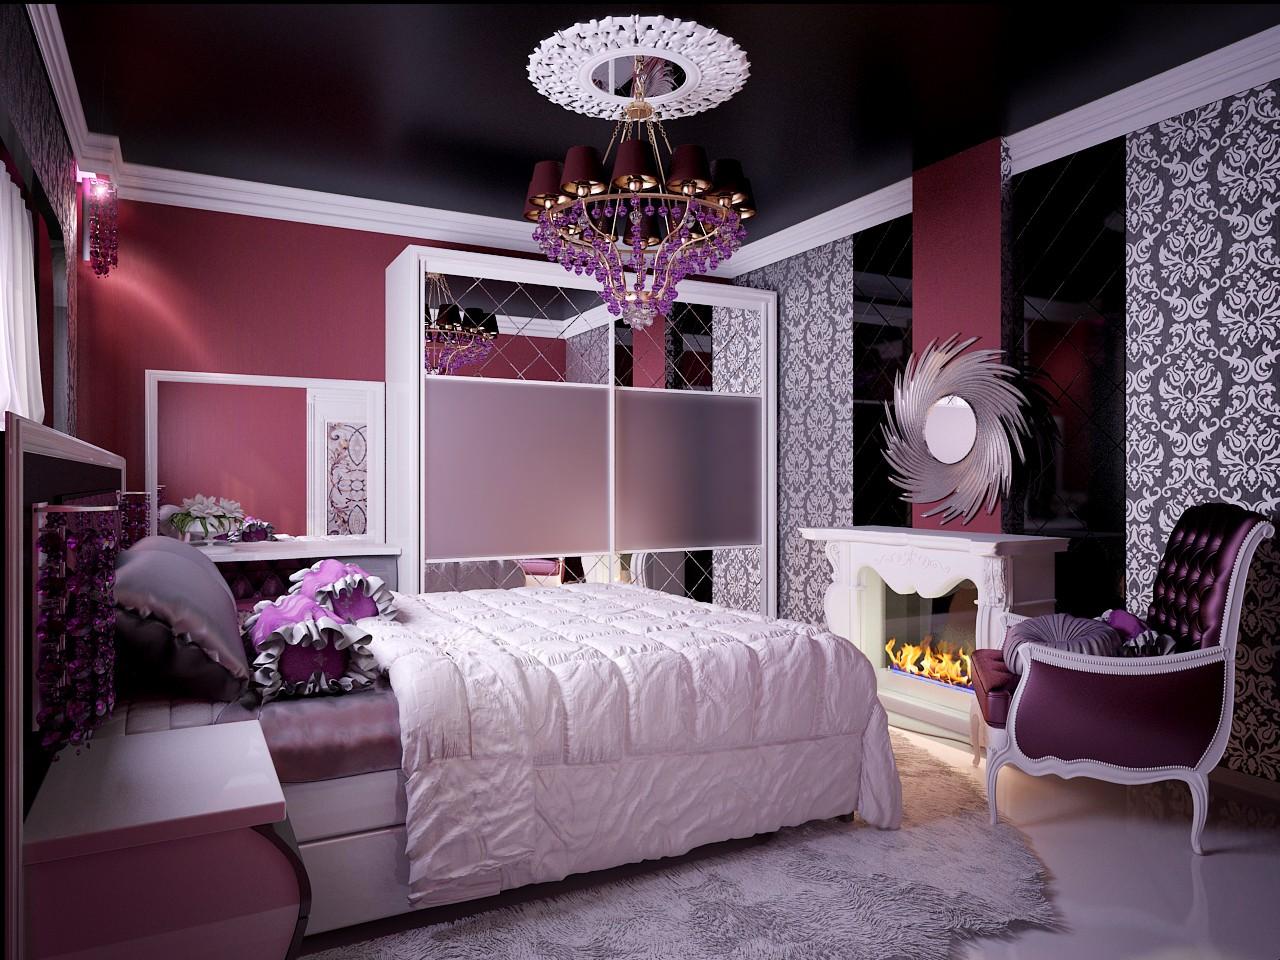 Черный Потолок в Комнате, Дизайн и Удачные Сочетания Цветов в Интерьере Дома Или Квартиры